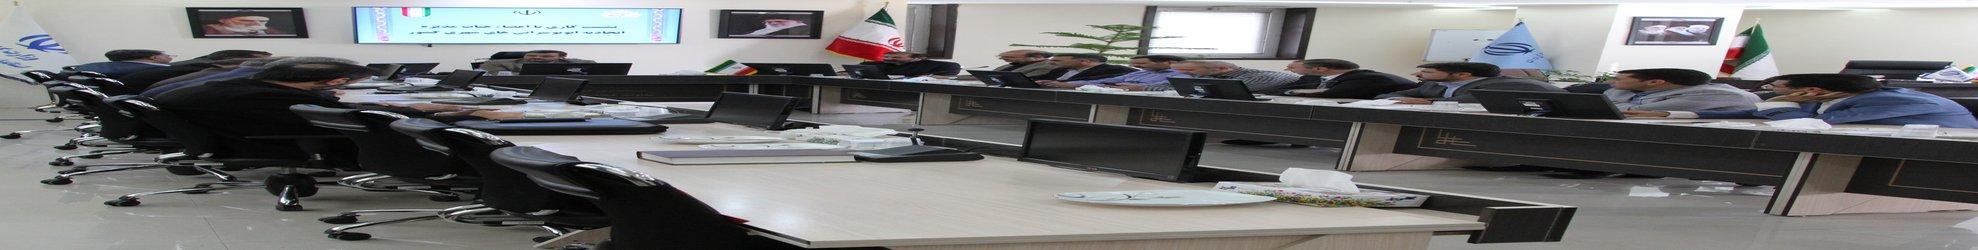 یکصد و هفتاد و ششمین جلسه هیئت مدیره اتحادیه اتوبوسرانیهای شهری کشور روز شنبه ۲۶/۰۸/۹۷ به میزبانی سازمان مدیریت حمل و نقل بار و مسافر شهرداری بیرجند برگزار شد.